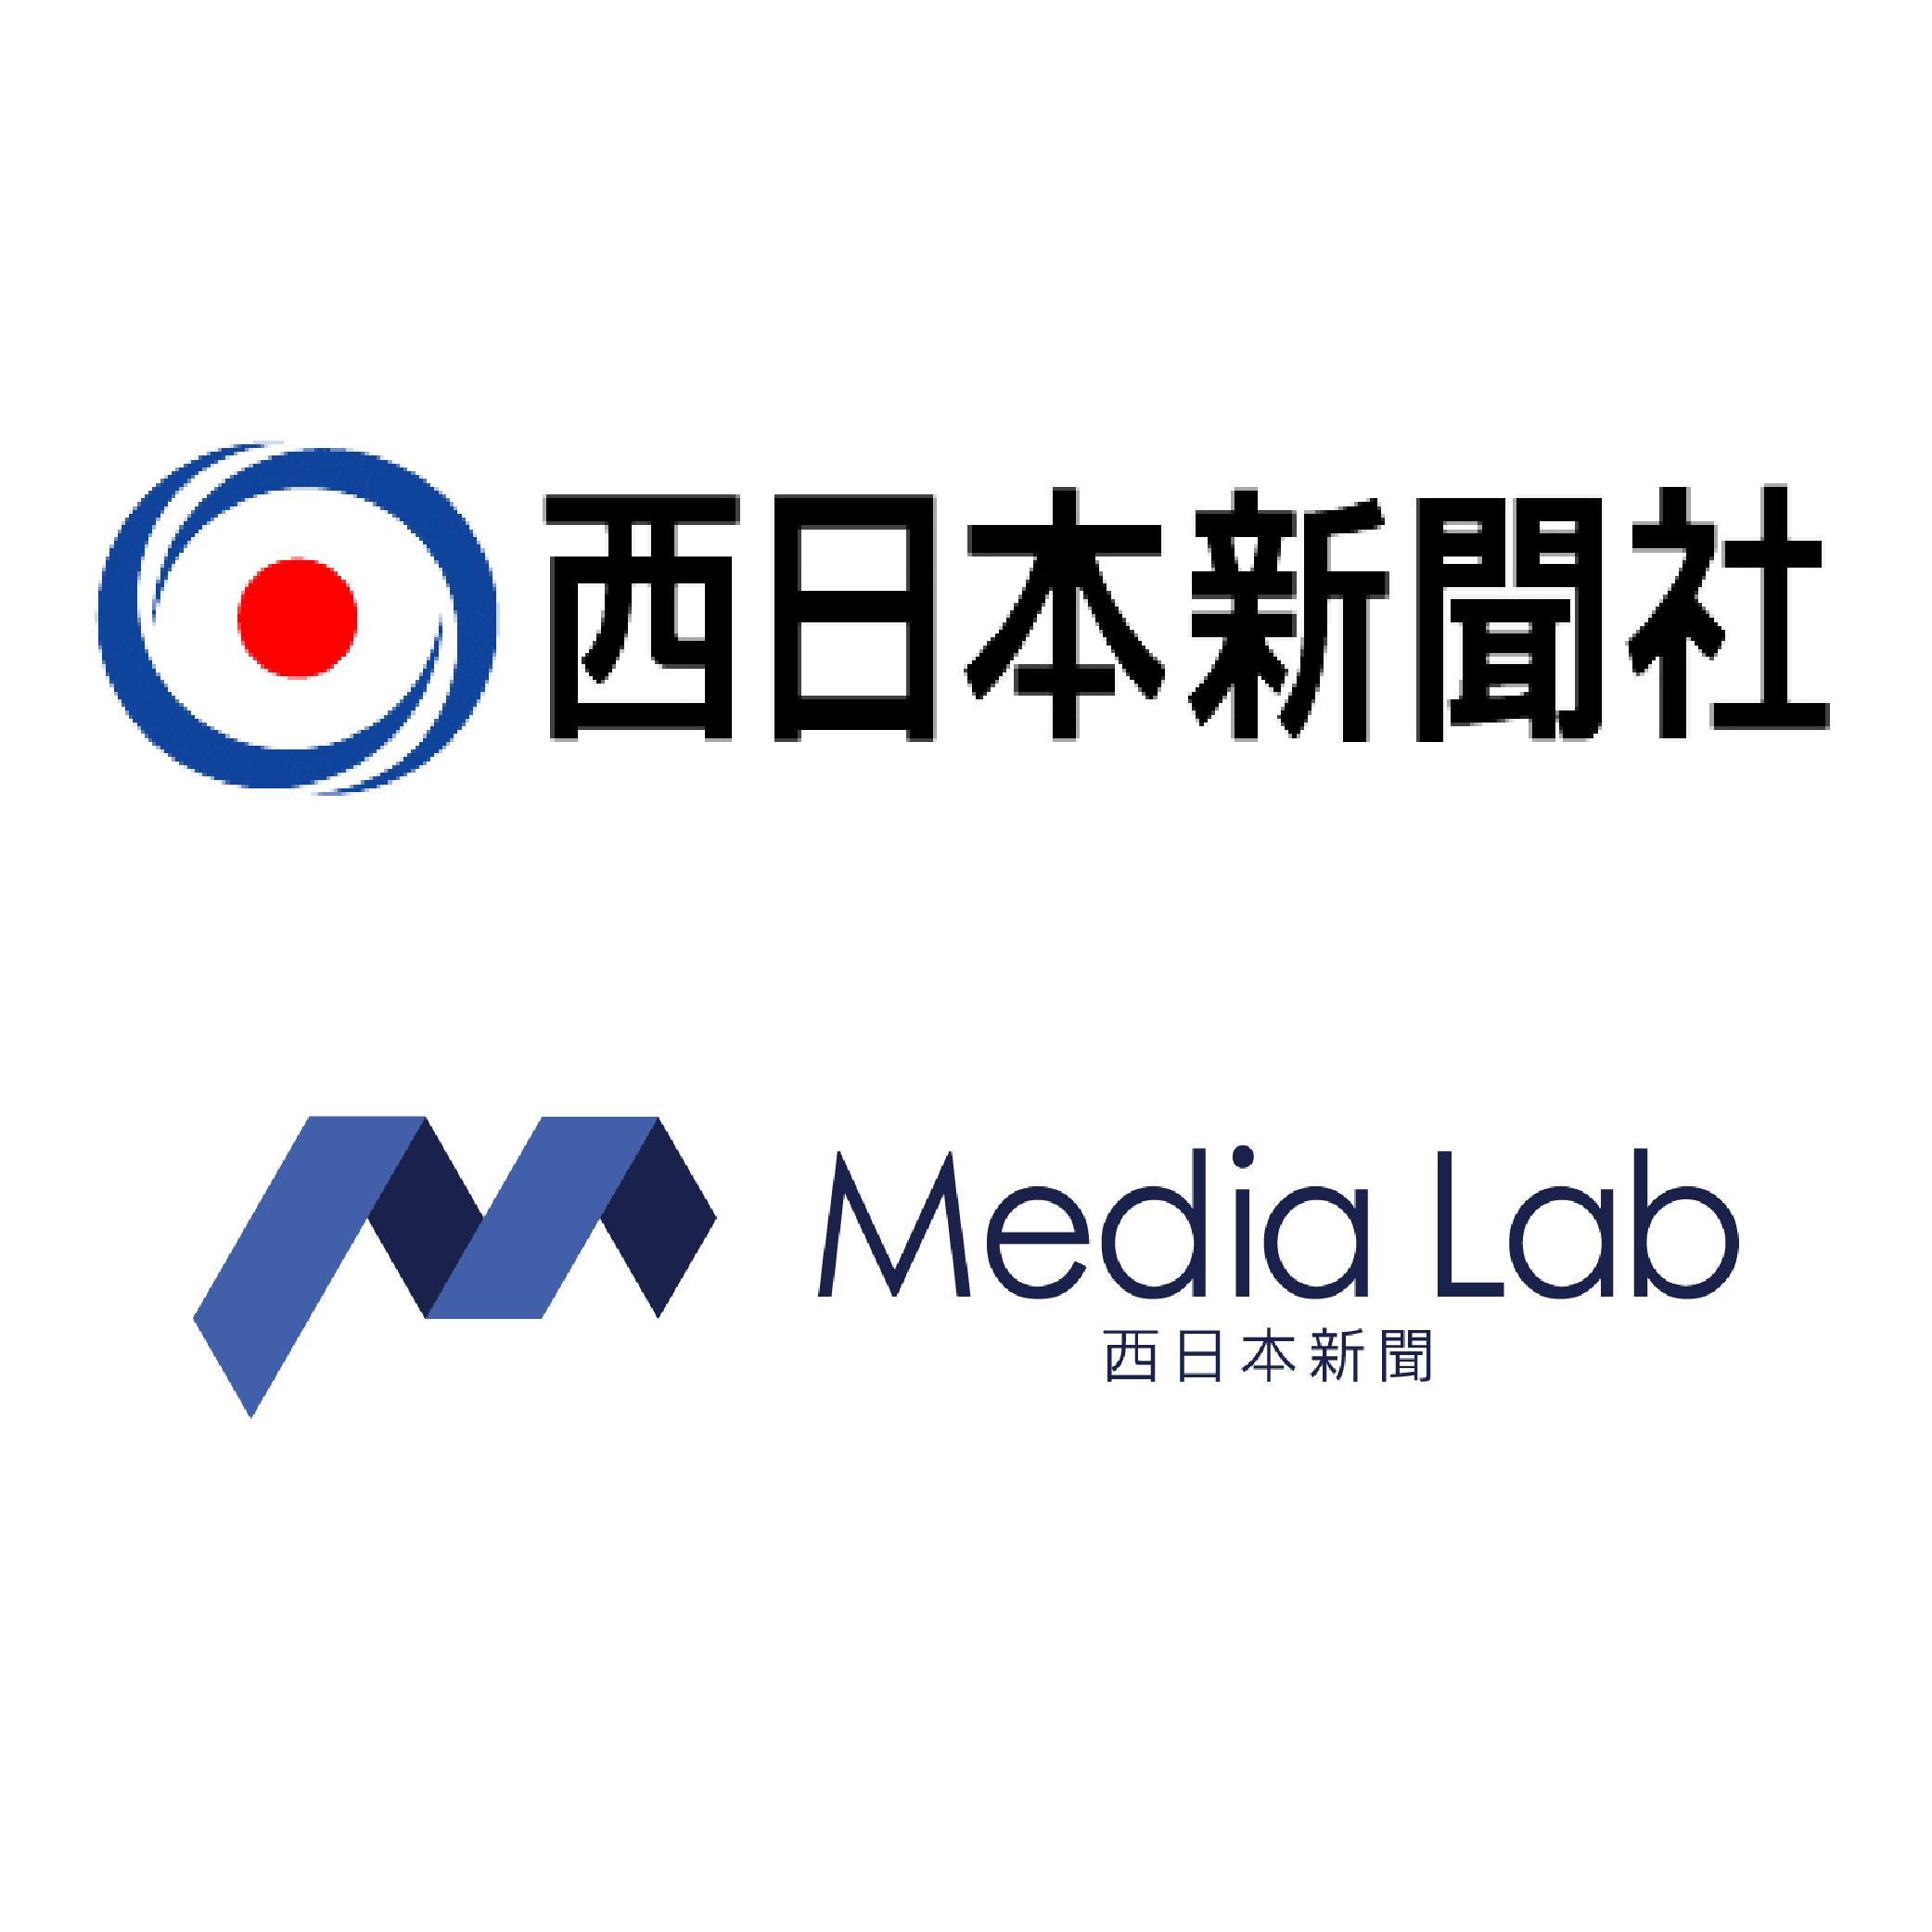 西日本新聞メディアラボ/西日本新聞社